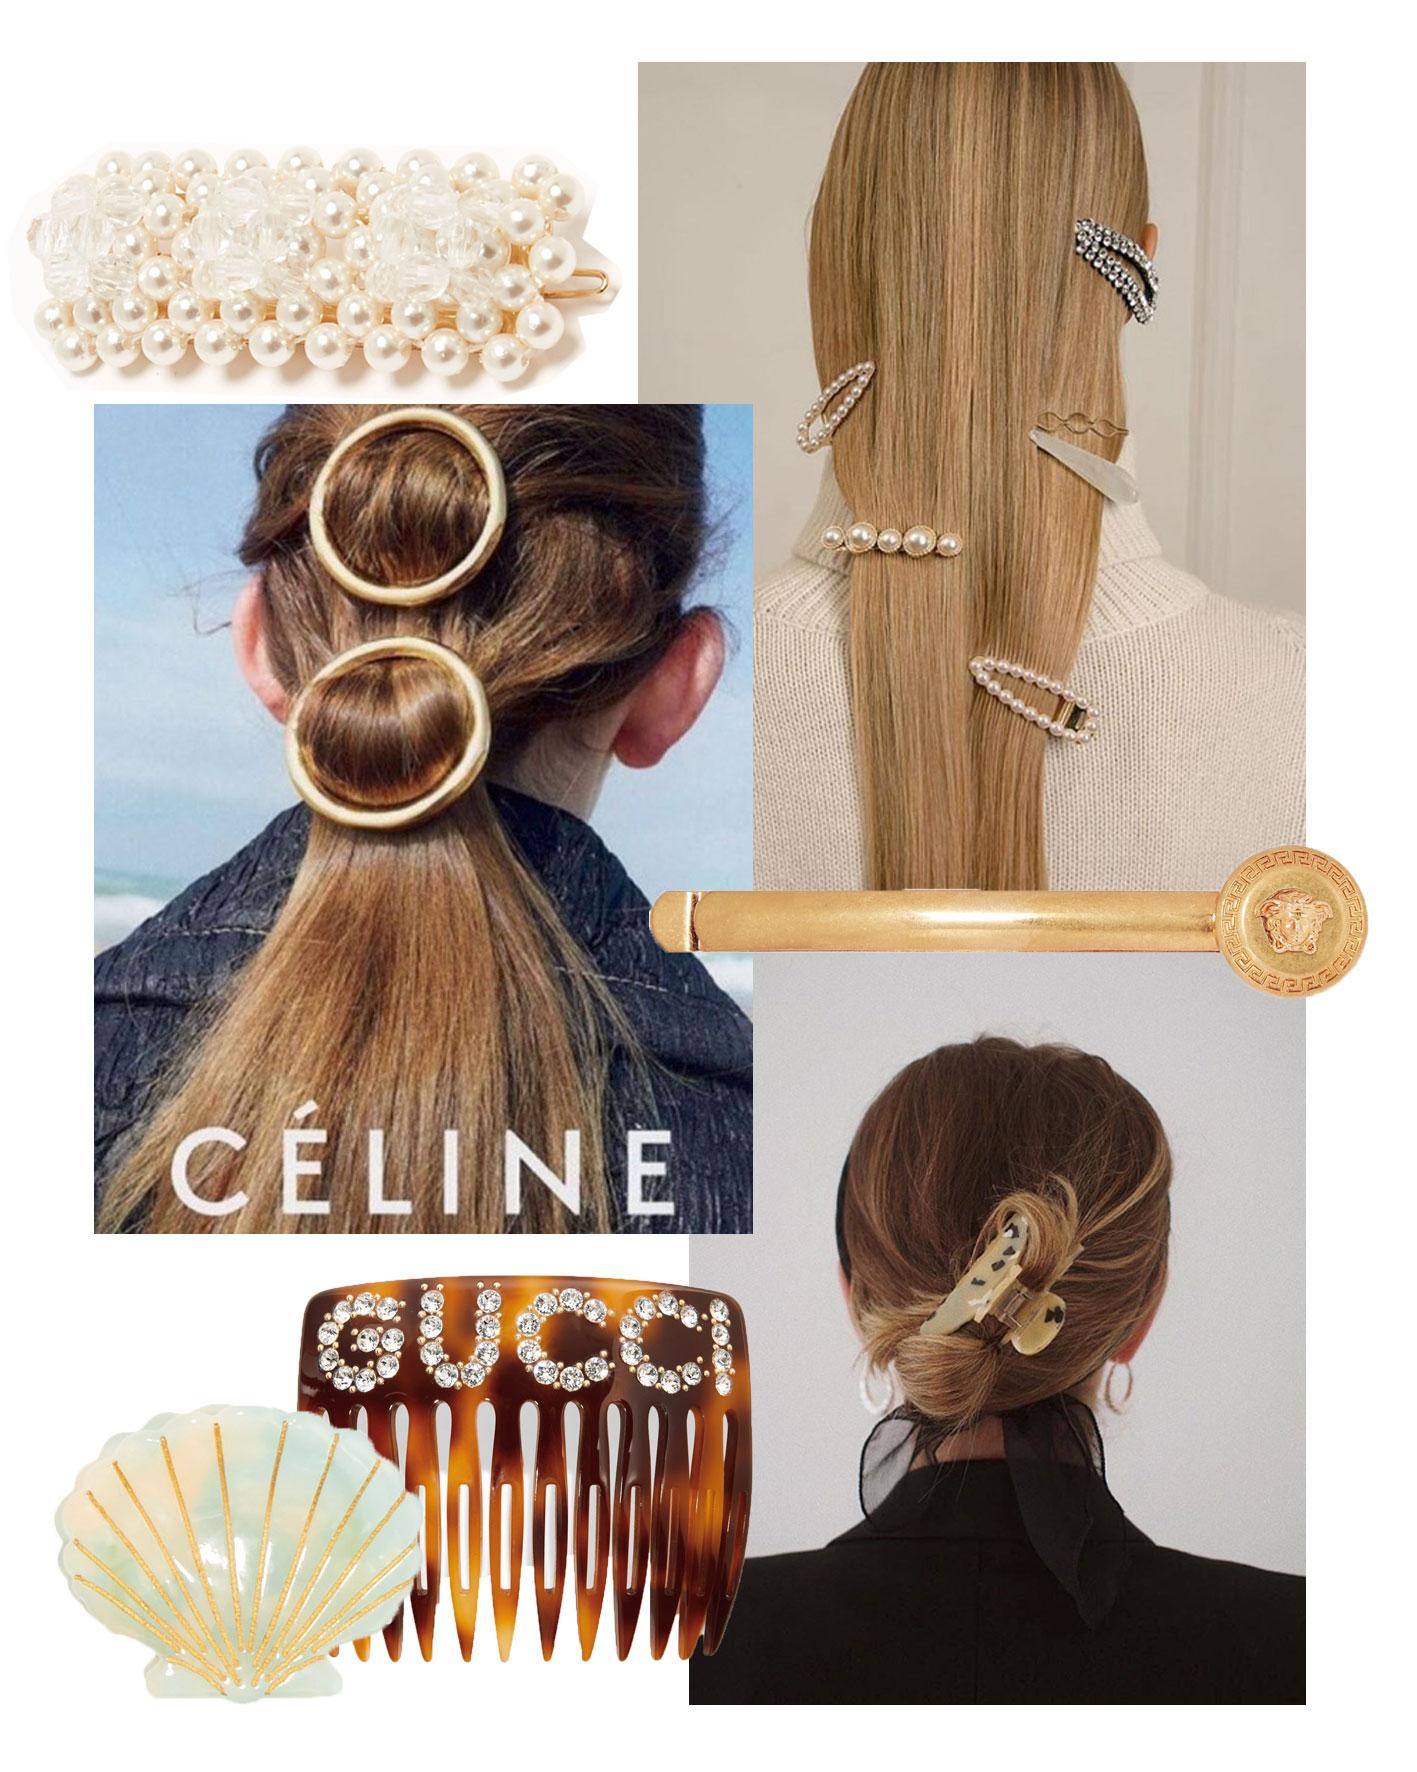 Haarschmuck: Haarspangen